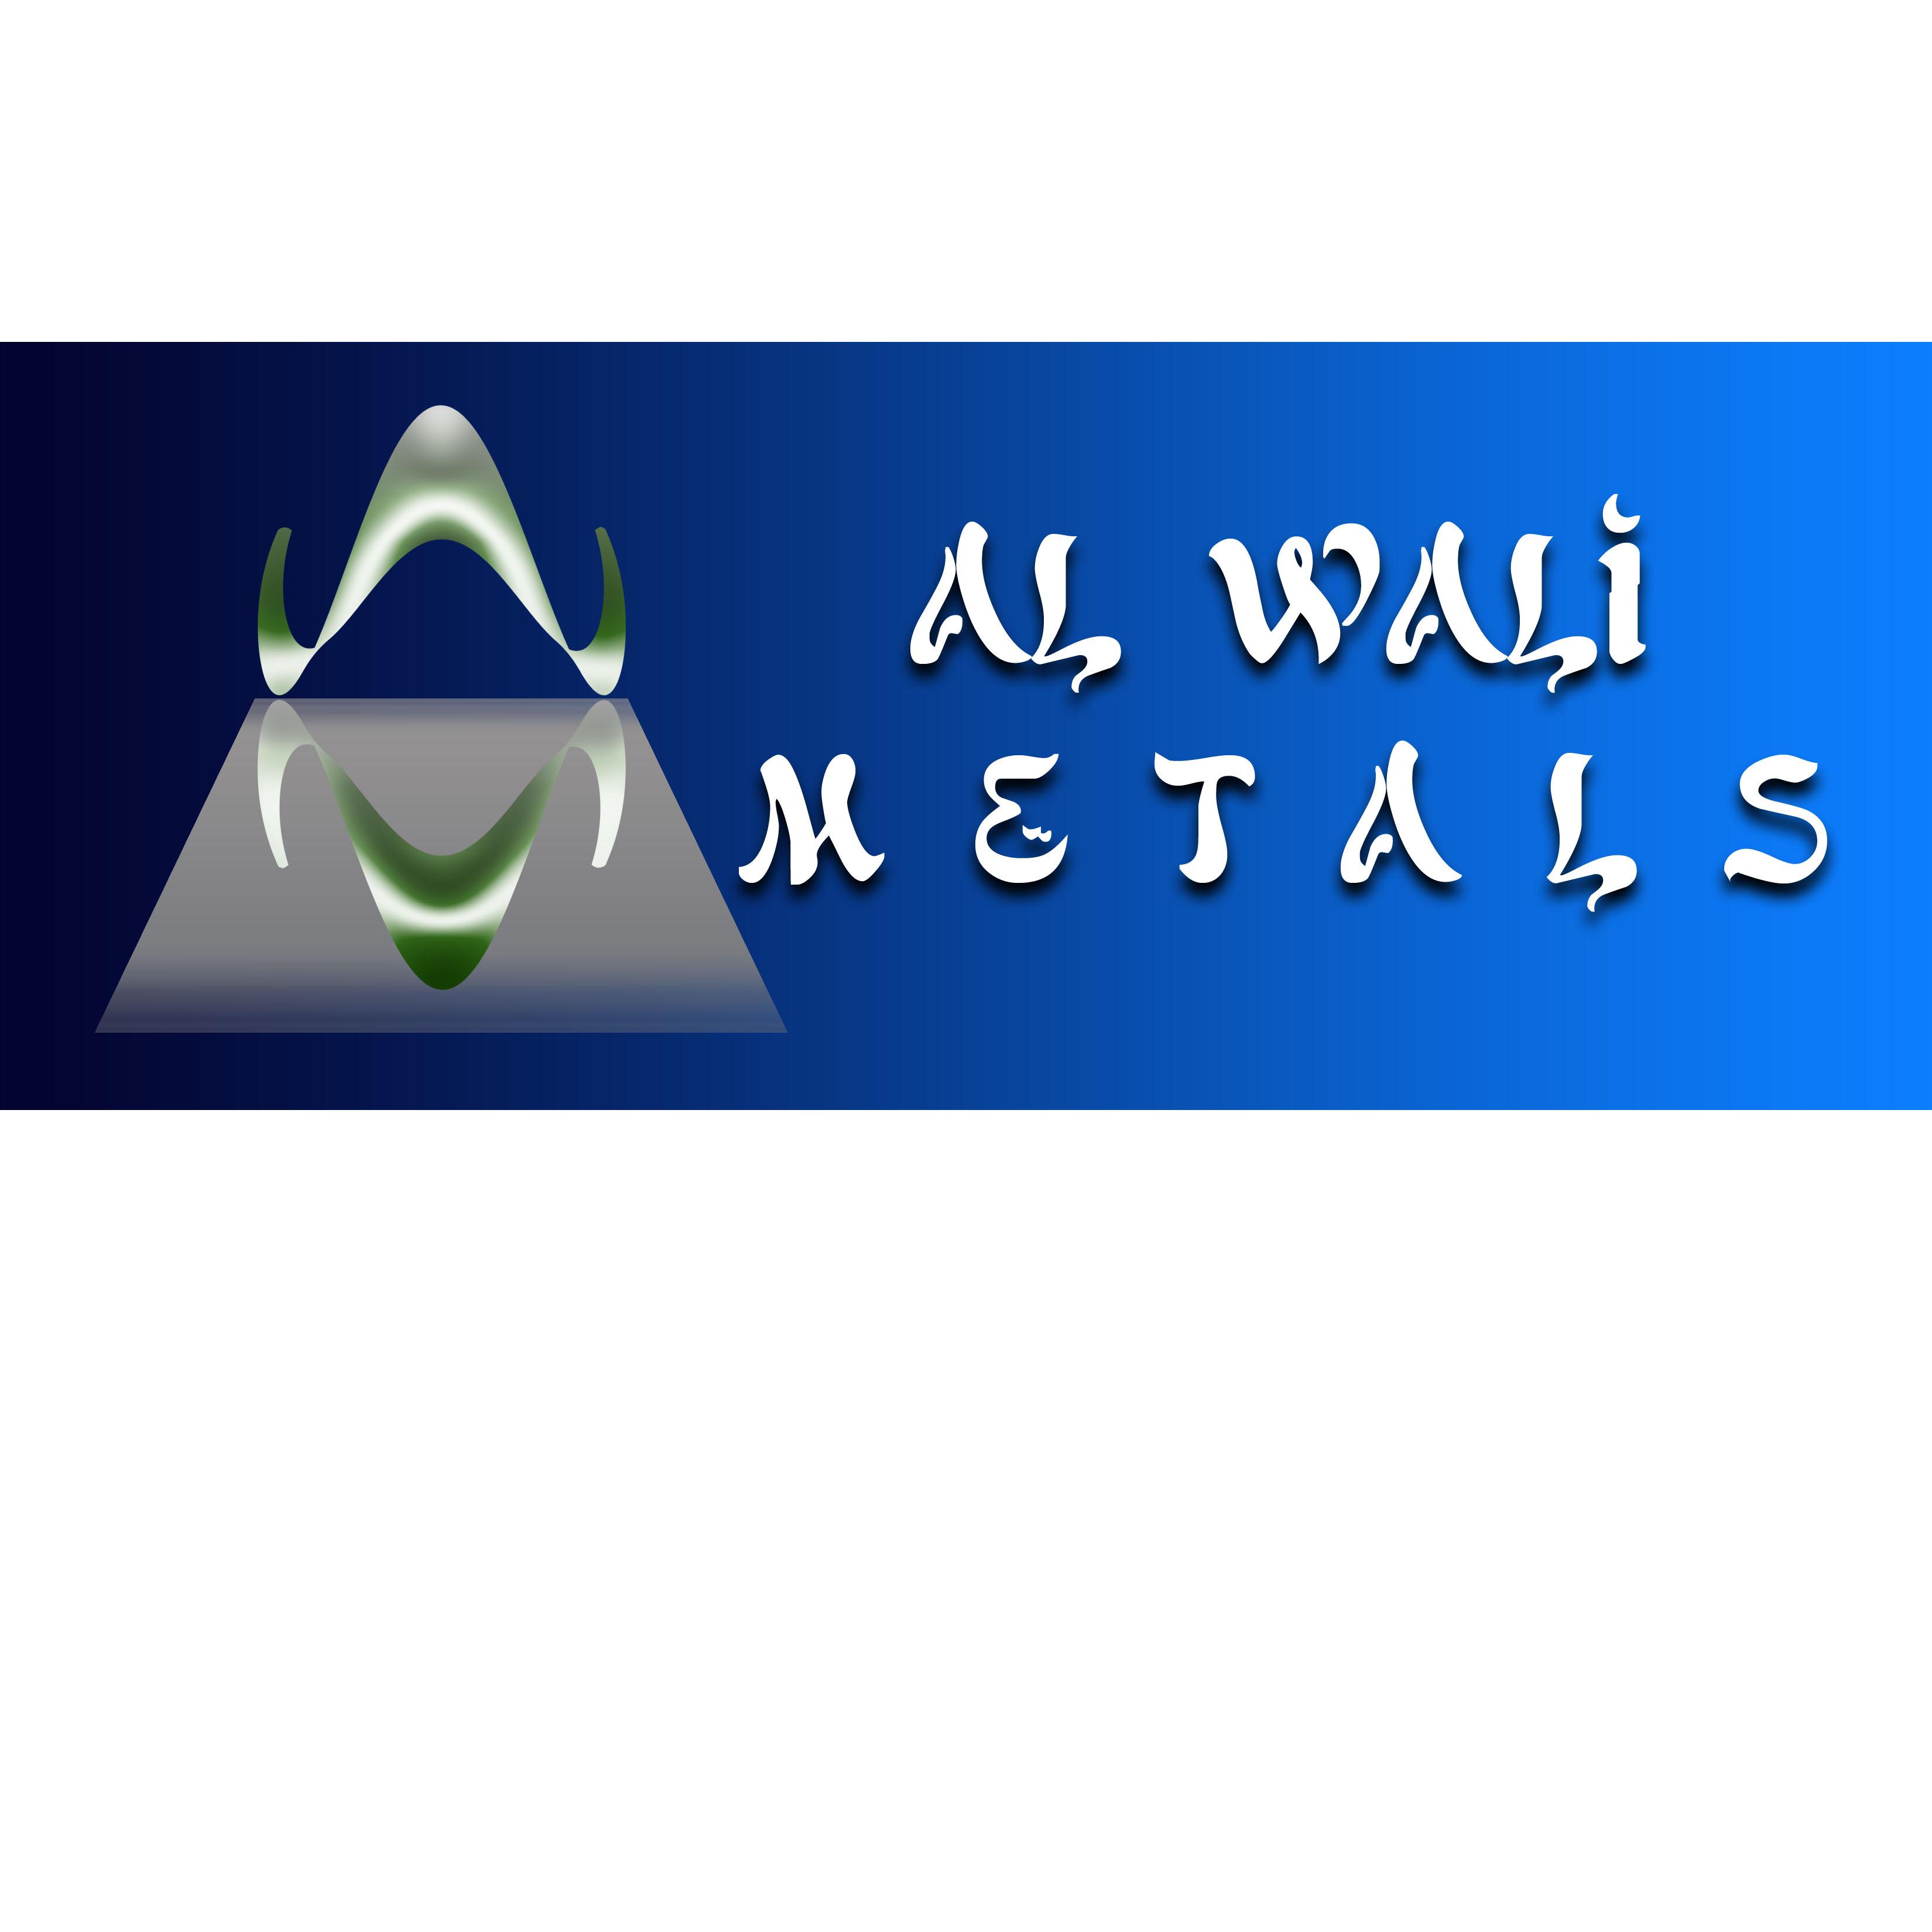 Logo Design by Alan Esclamado - Entry No. 48 in the Logo Design Contest Inspiring Logo Design for Al Wali Metals.